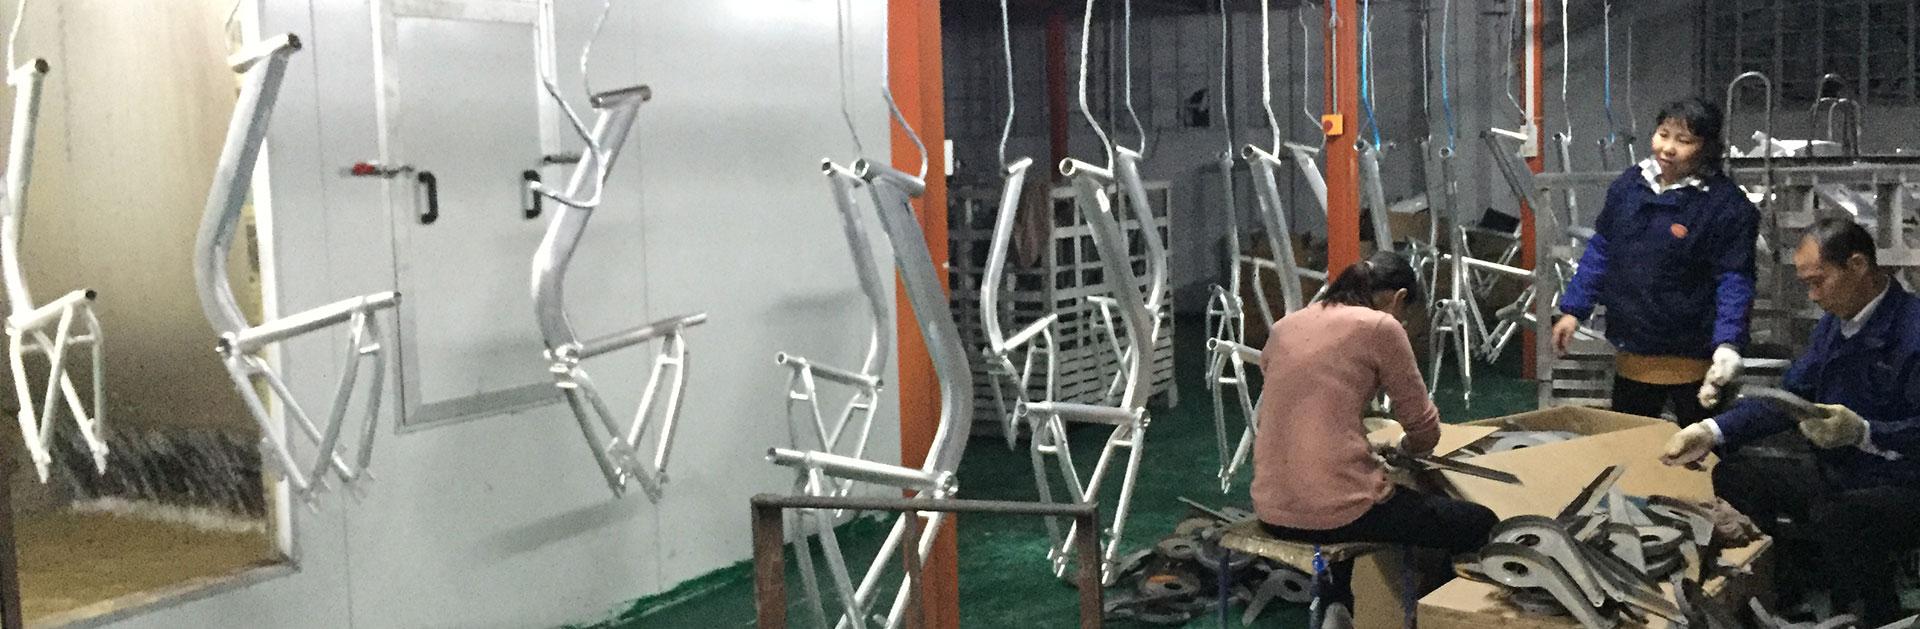 Liejimo formos dviračių dalys - individualūs dviračių komponentai